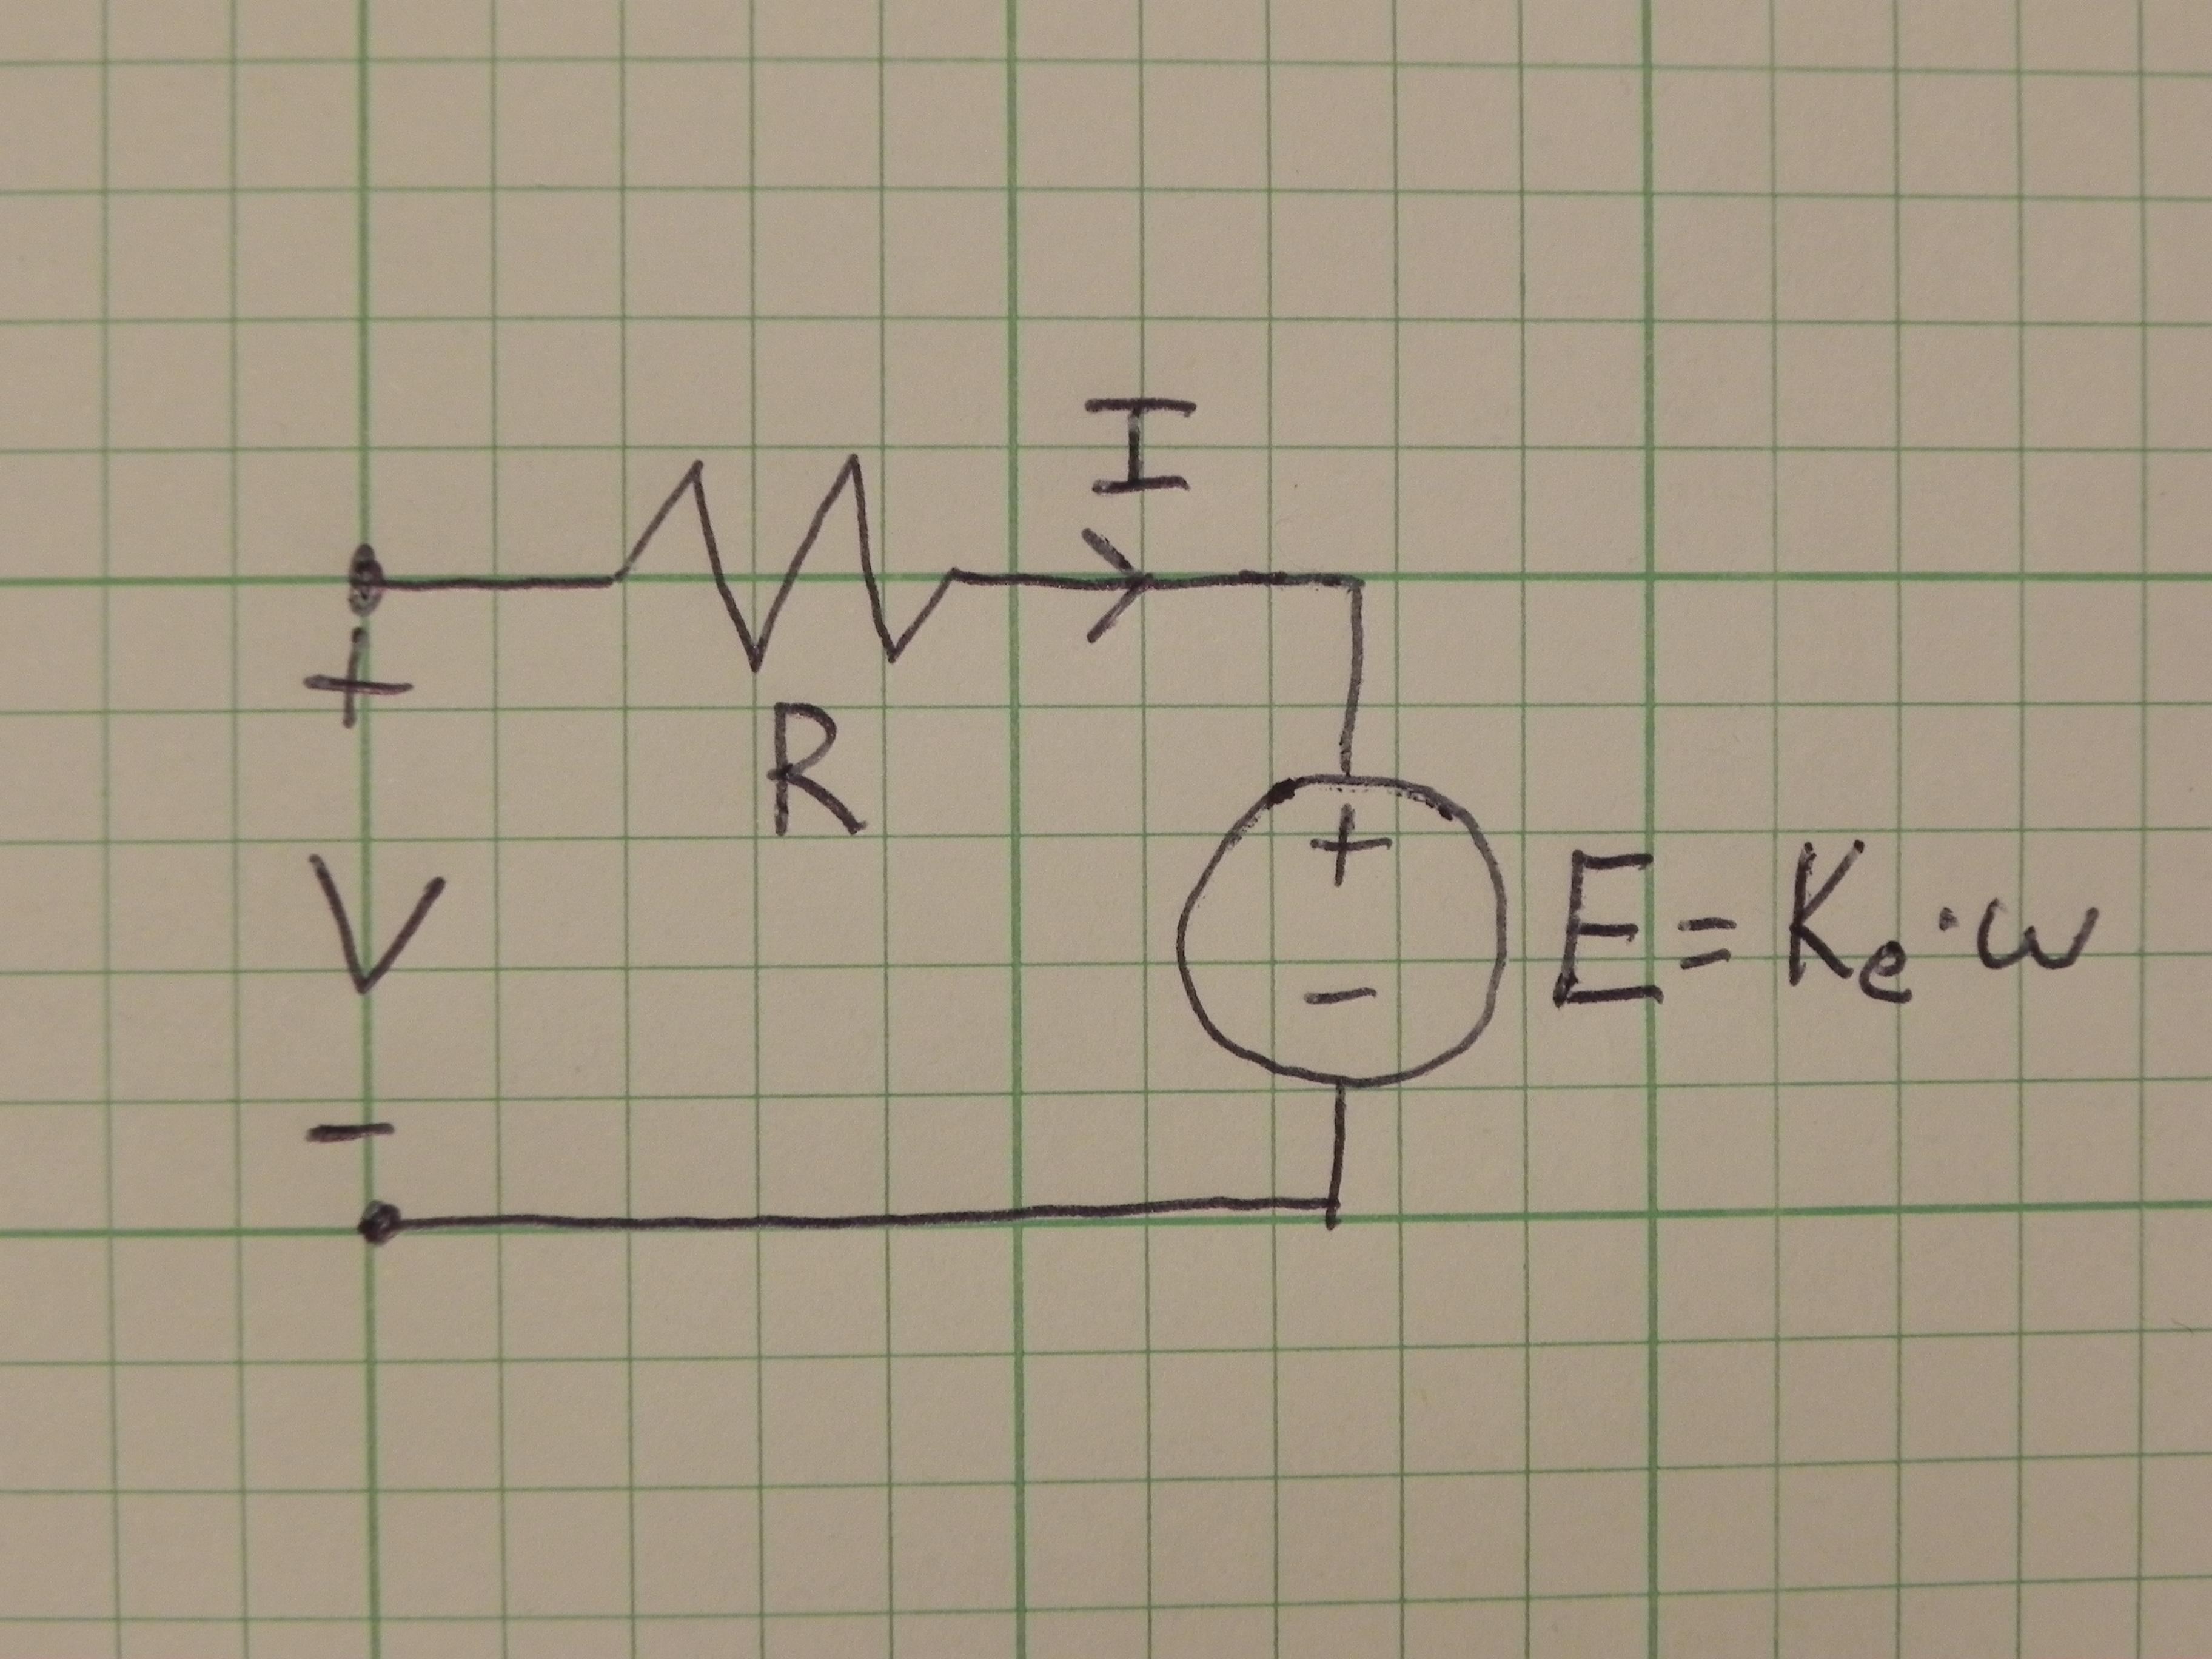 Brushless Motor Kv Constant Explained • LearningRC